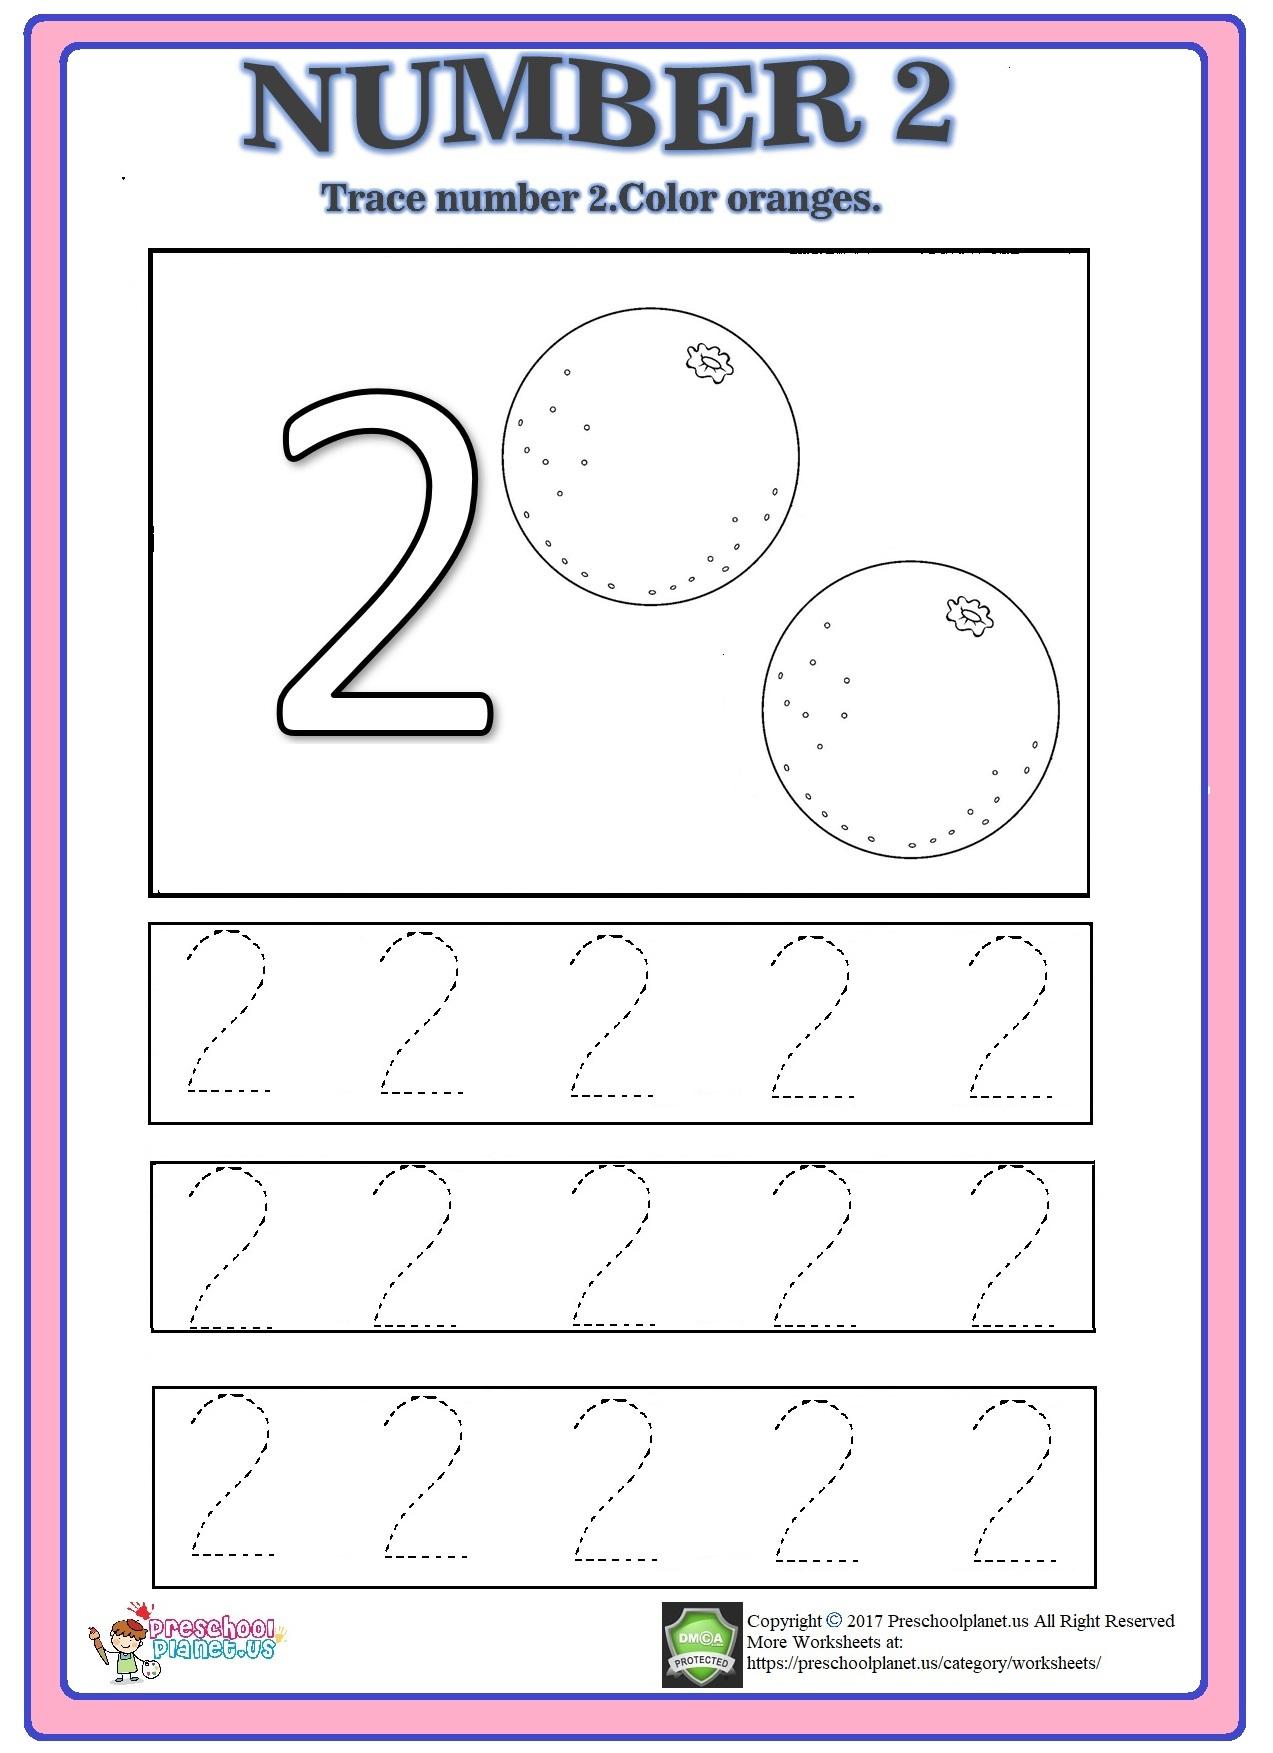 Number 2 Trace Worksheet – Preschoolplanet